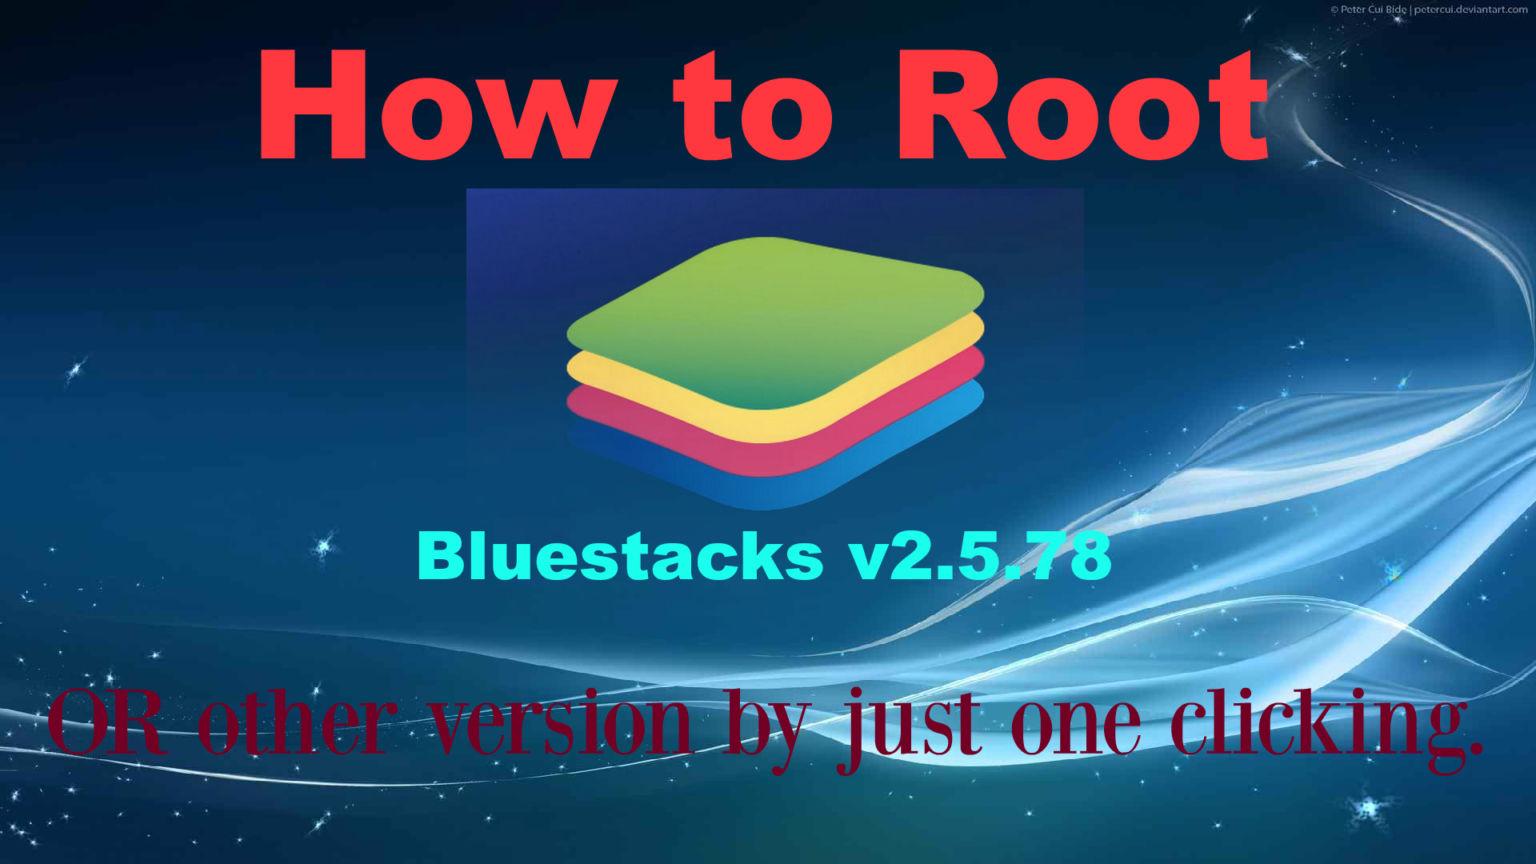 নিয়ে নিন Bluestacks এর Latest version Bluestacks 2.5.78(Root করার নিয়মসহ), আর পিসিতে চালান সব Android Apps